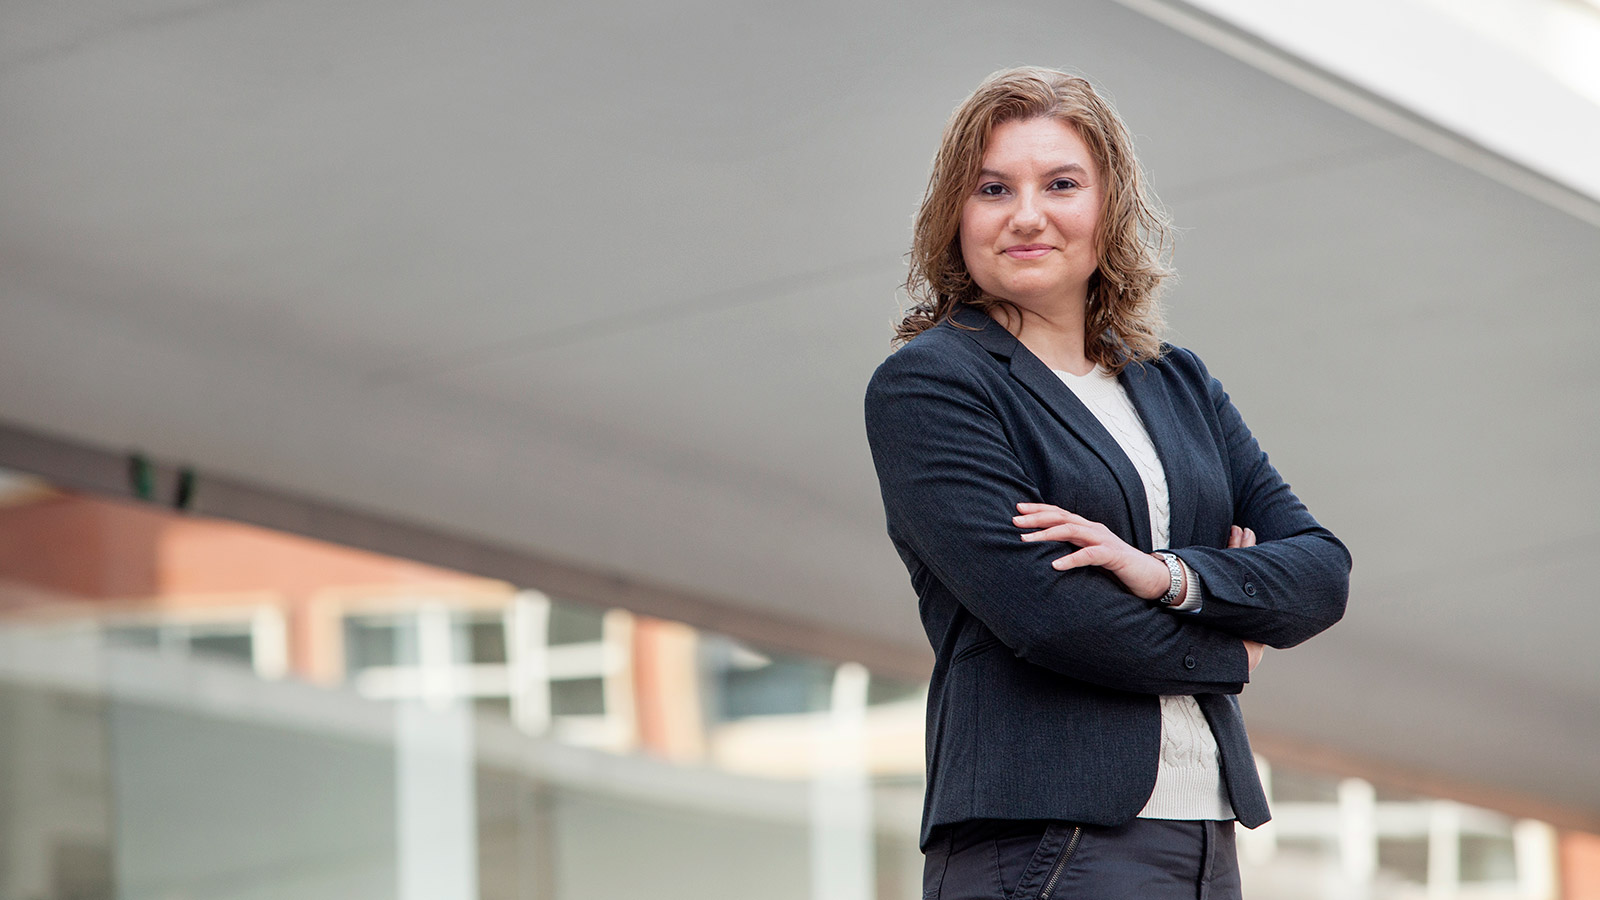 Abogada en Alicante - Derecho Penal - Civil y Familia